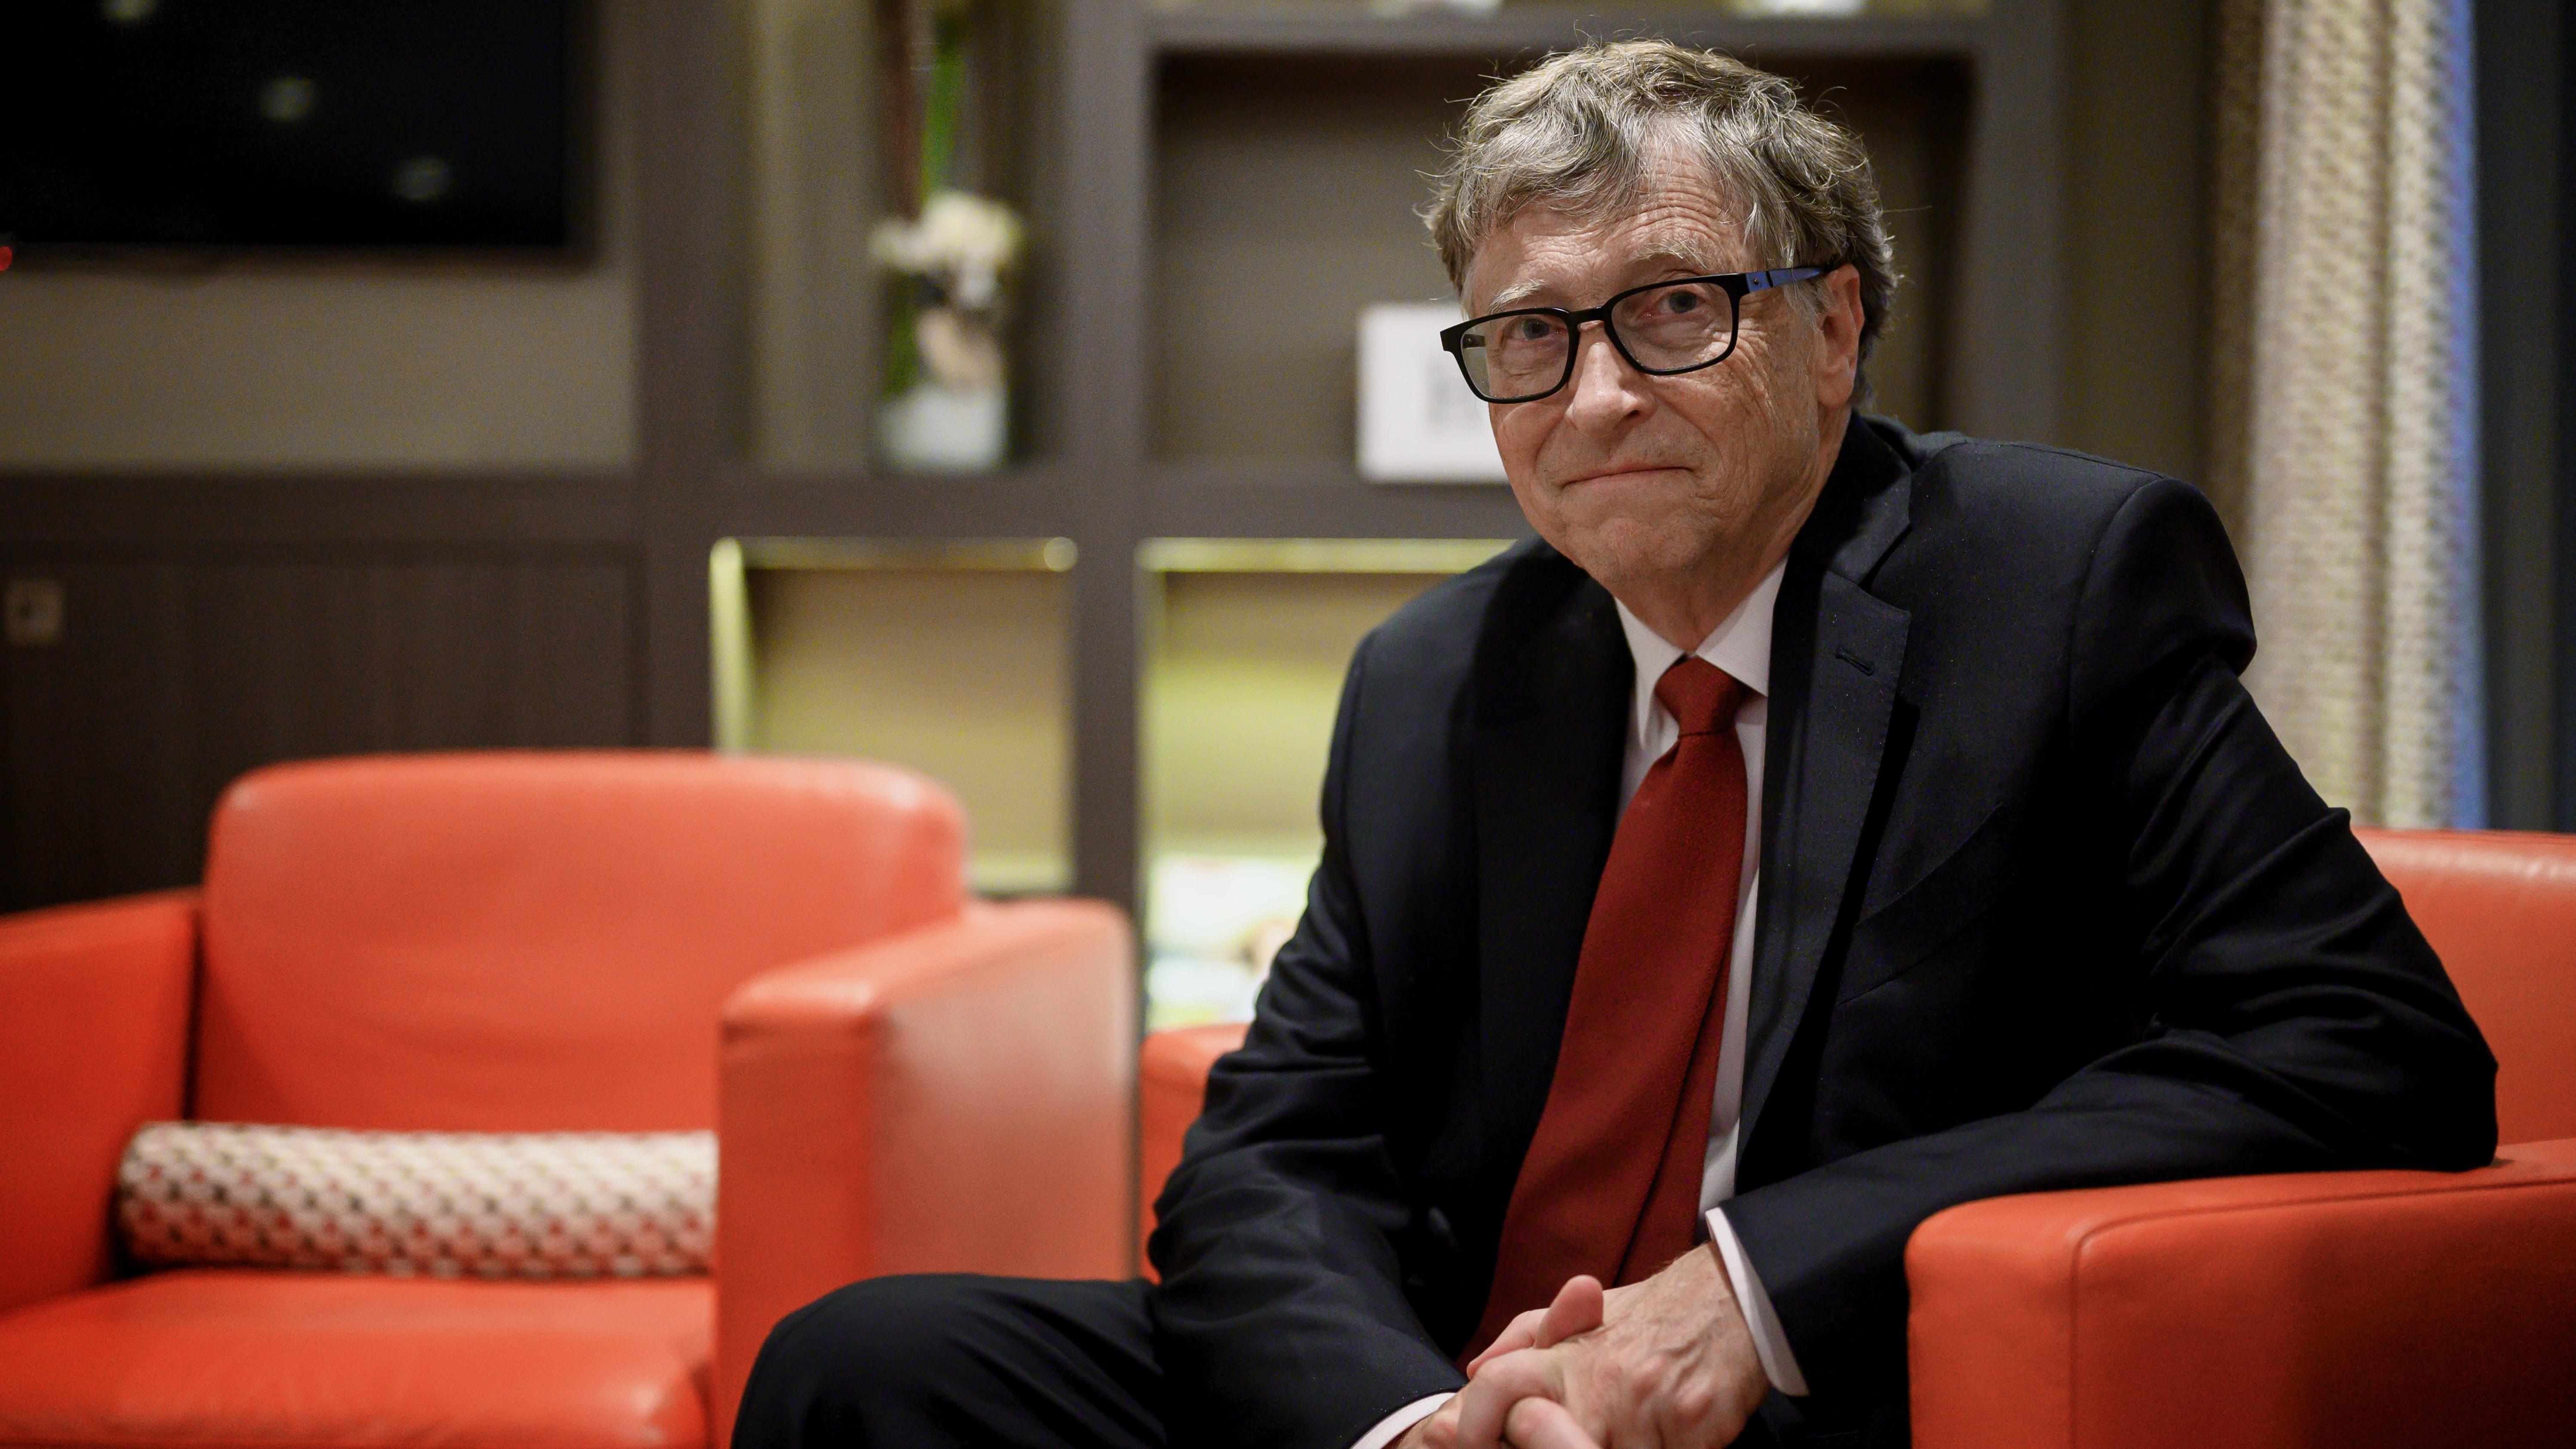 Bill Gates Has Left Microsoft's Board